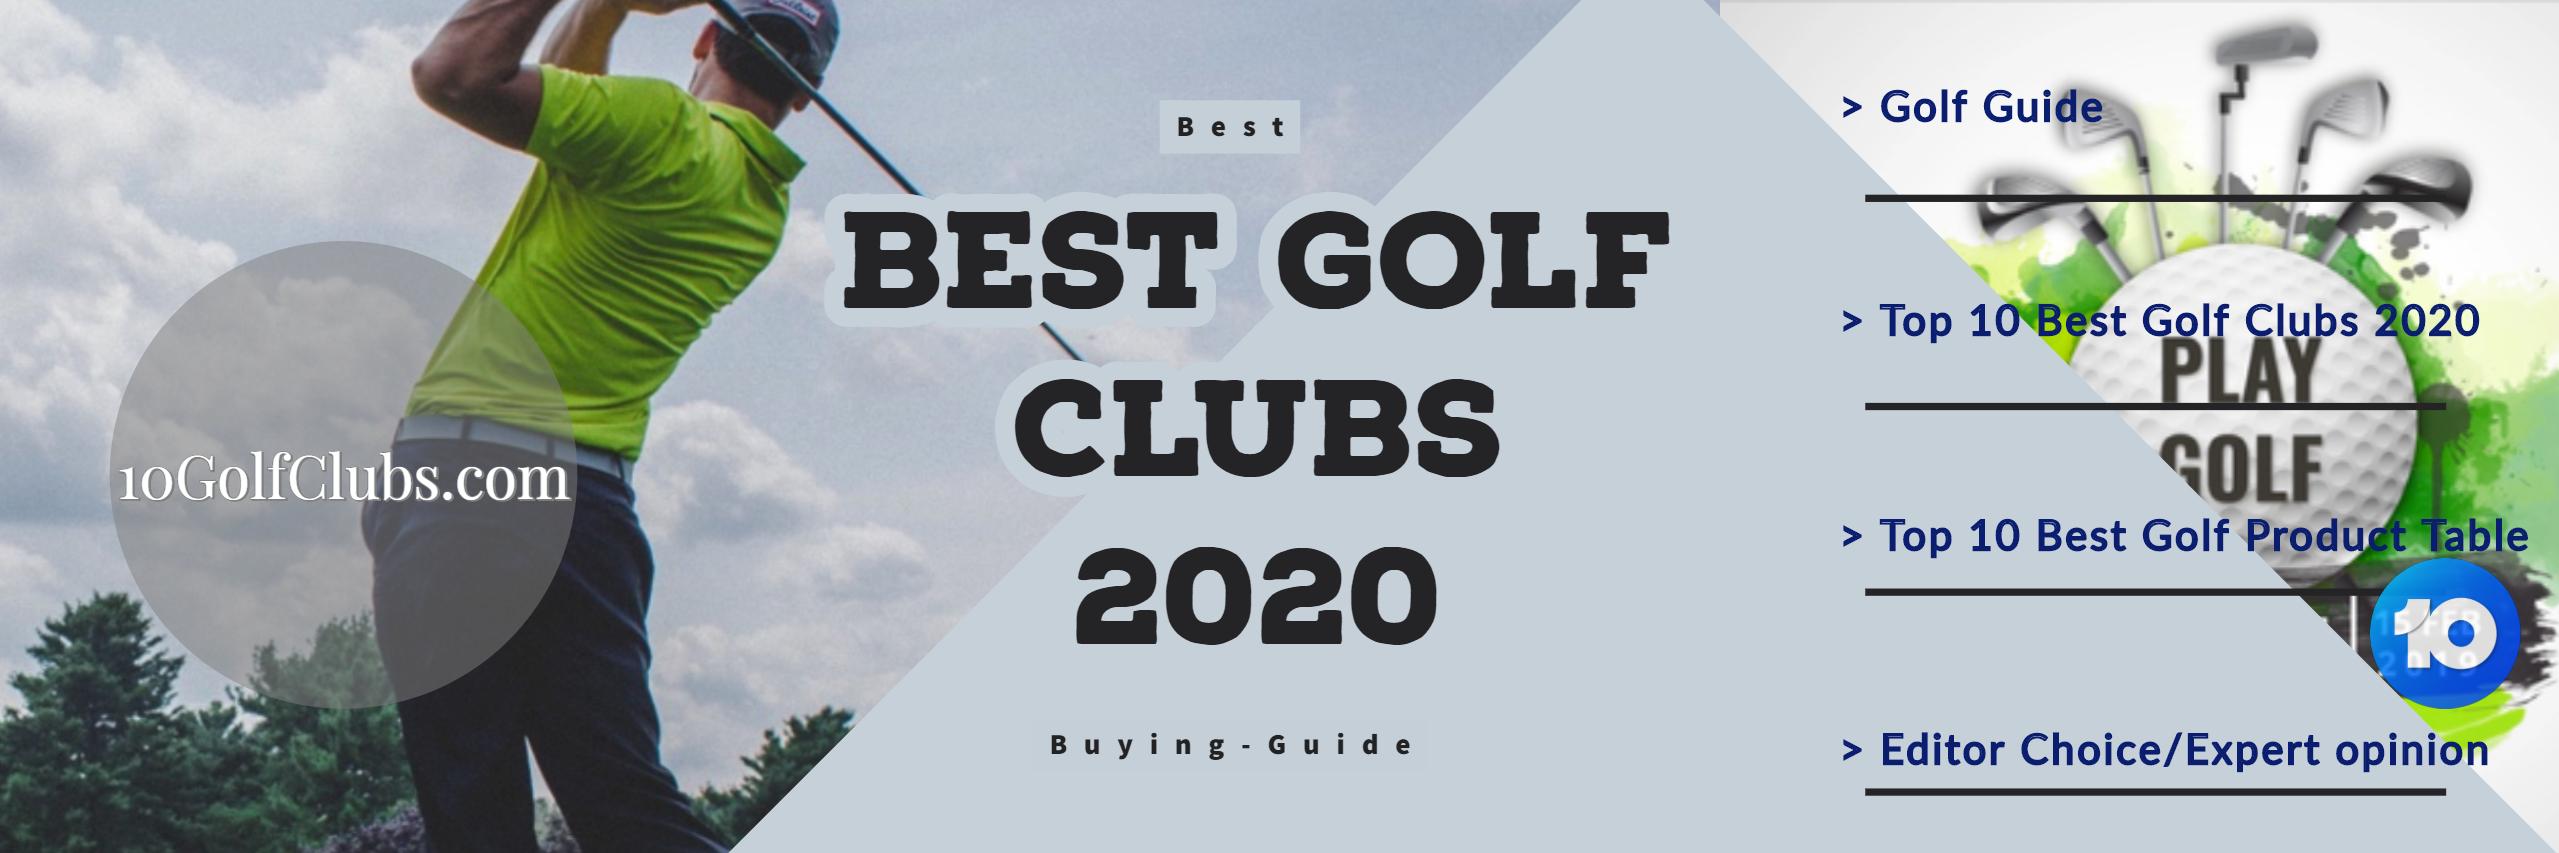 10 Best Golf Clubs